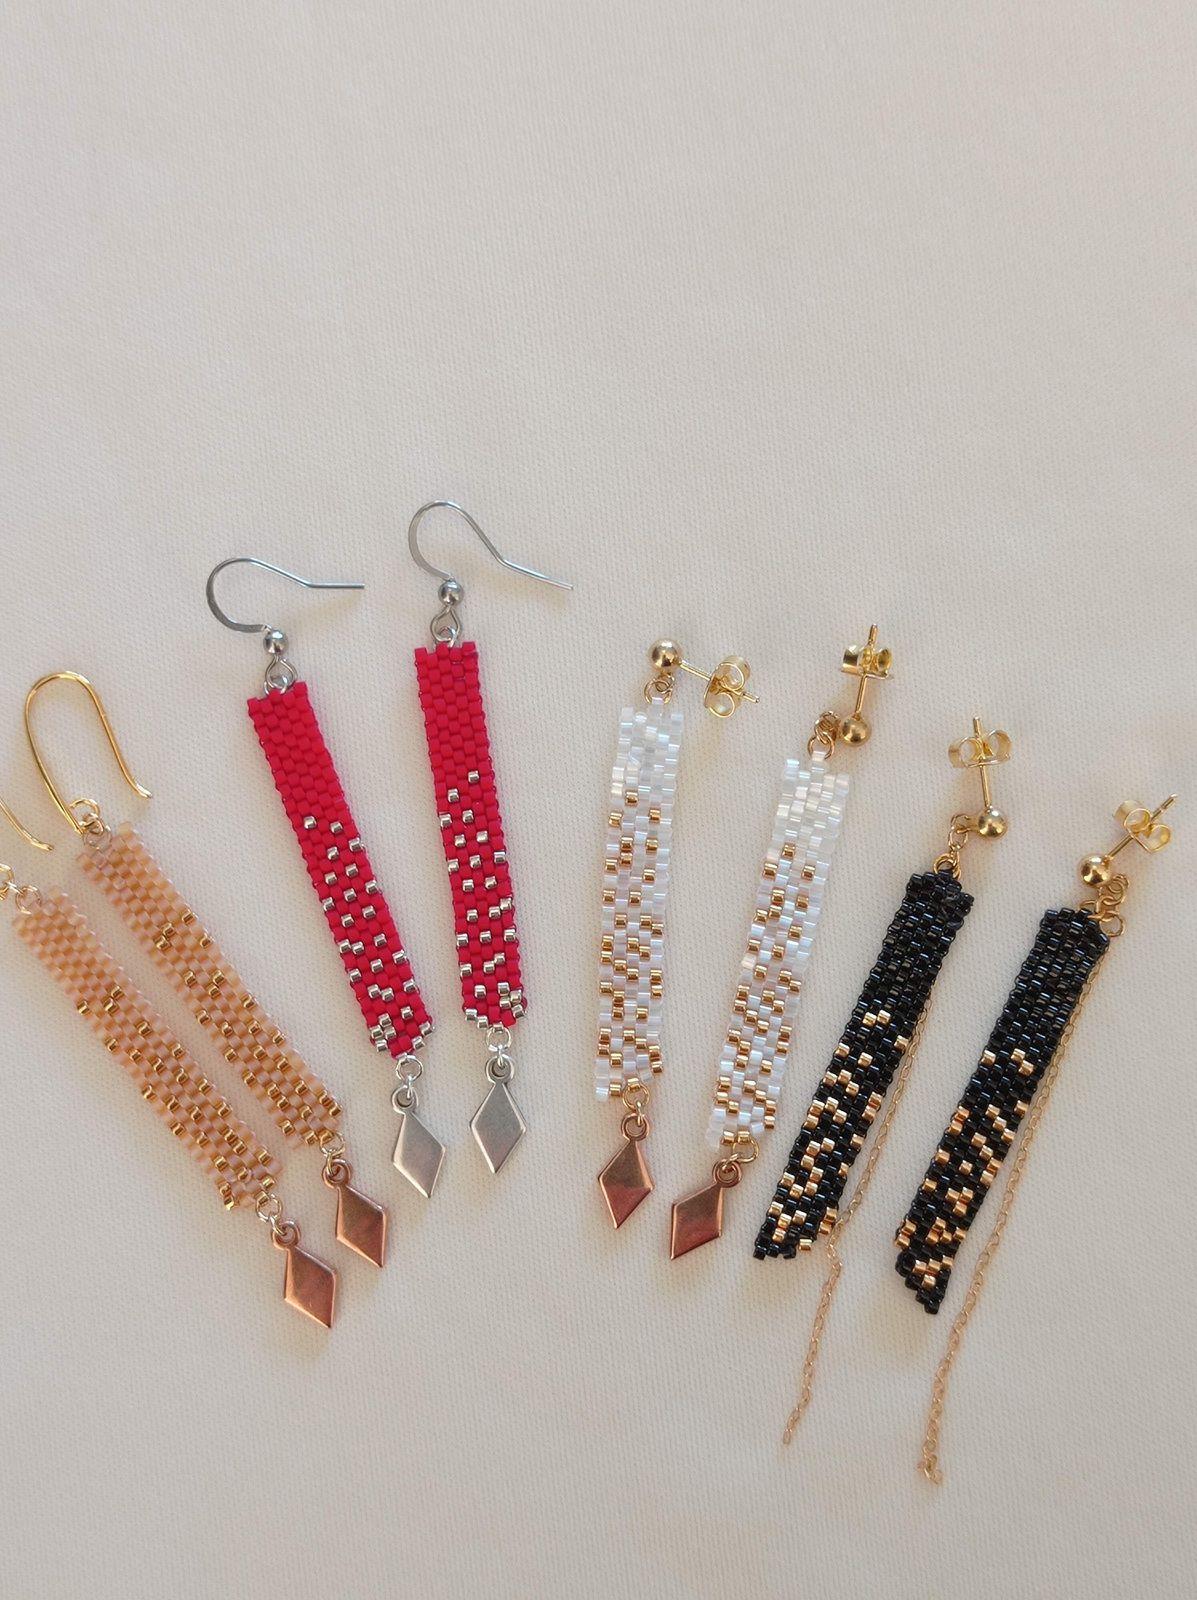 REF.VN242- 4 PAIRES DE BO :  Perles de verre, zamac, crochets métal dorés européen , acier chirurgical, clous métal européen. Long. moyenne 7cm, l'art. 0,7cm. 22€.la paire.